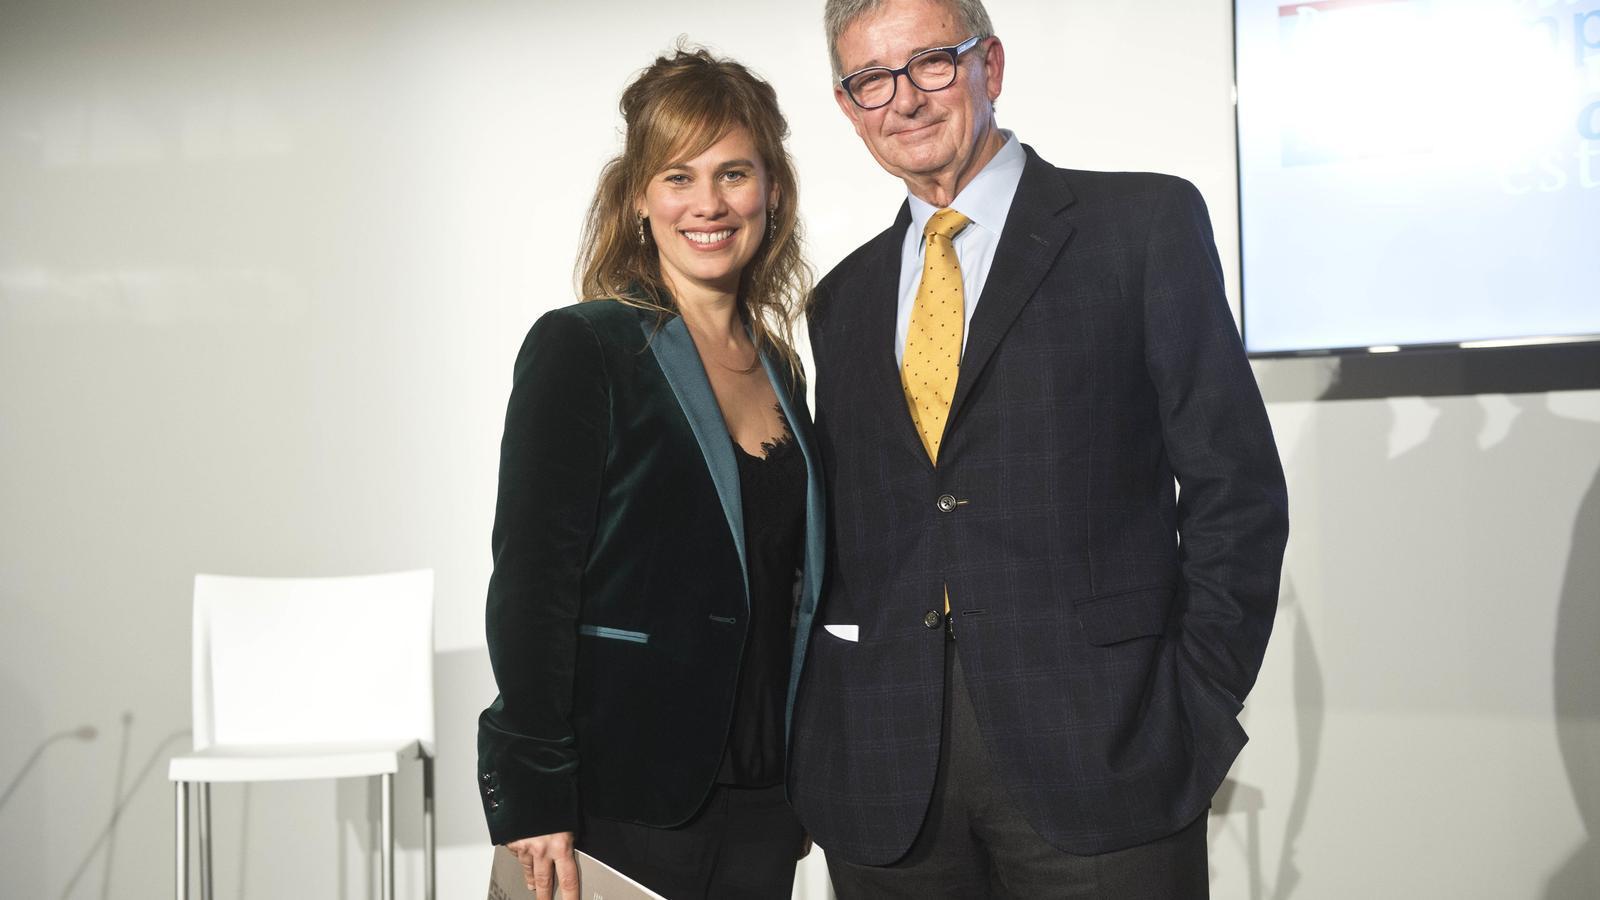 La directora de la Fundació Carulla, Marta Esteve, i el president, Joaquim Coello